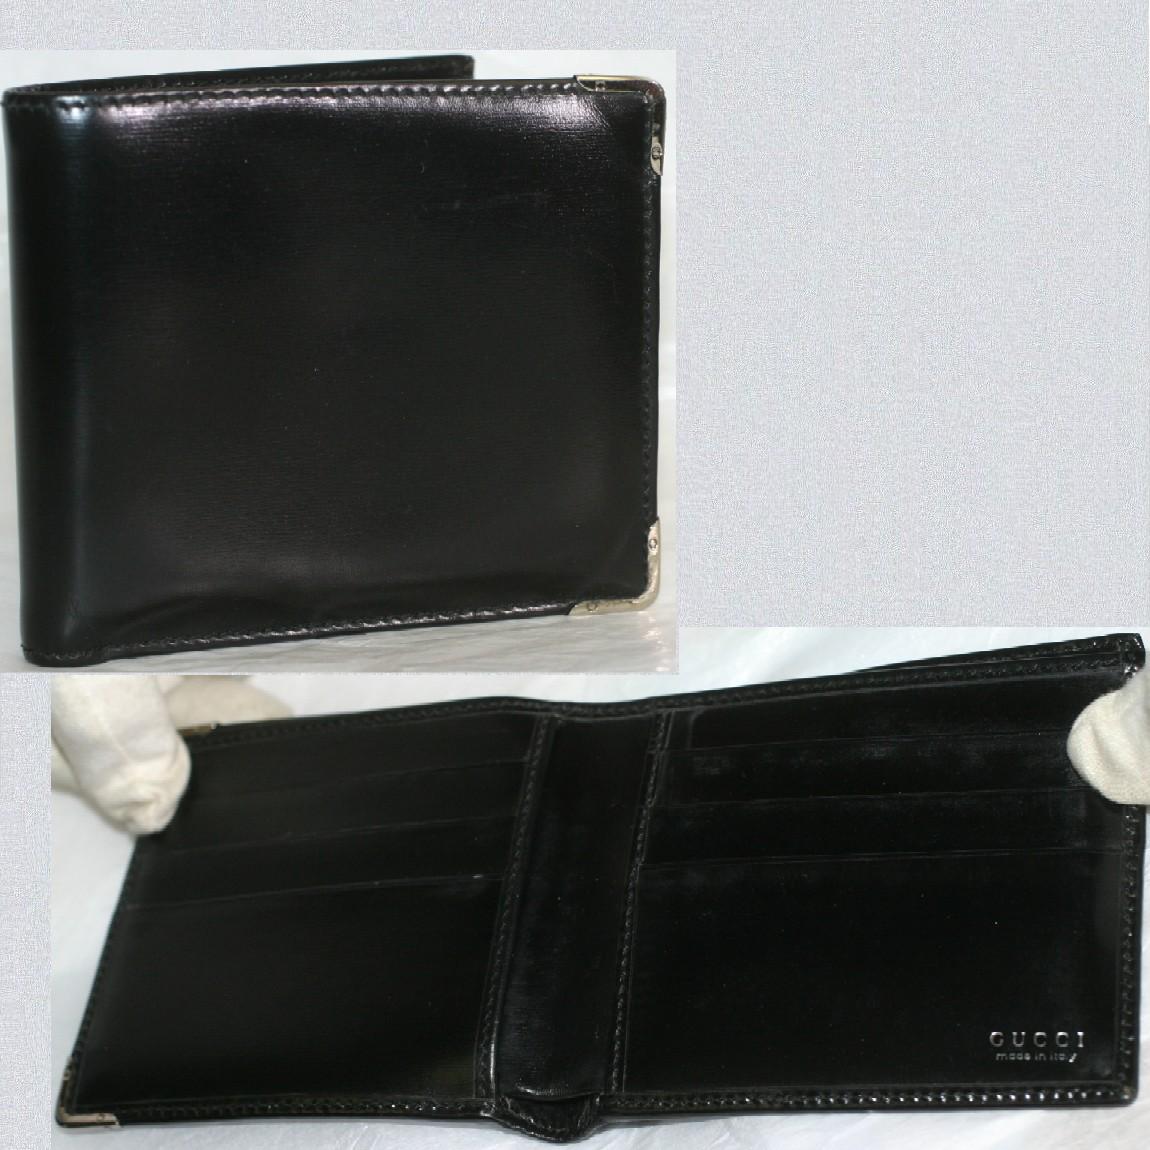 【中古】本物抜群に綺麗グッチ紳士用2つ折り財布黒いマスターカーフ素材 お勧めです